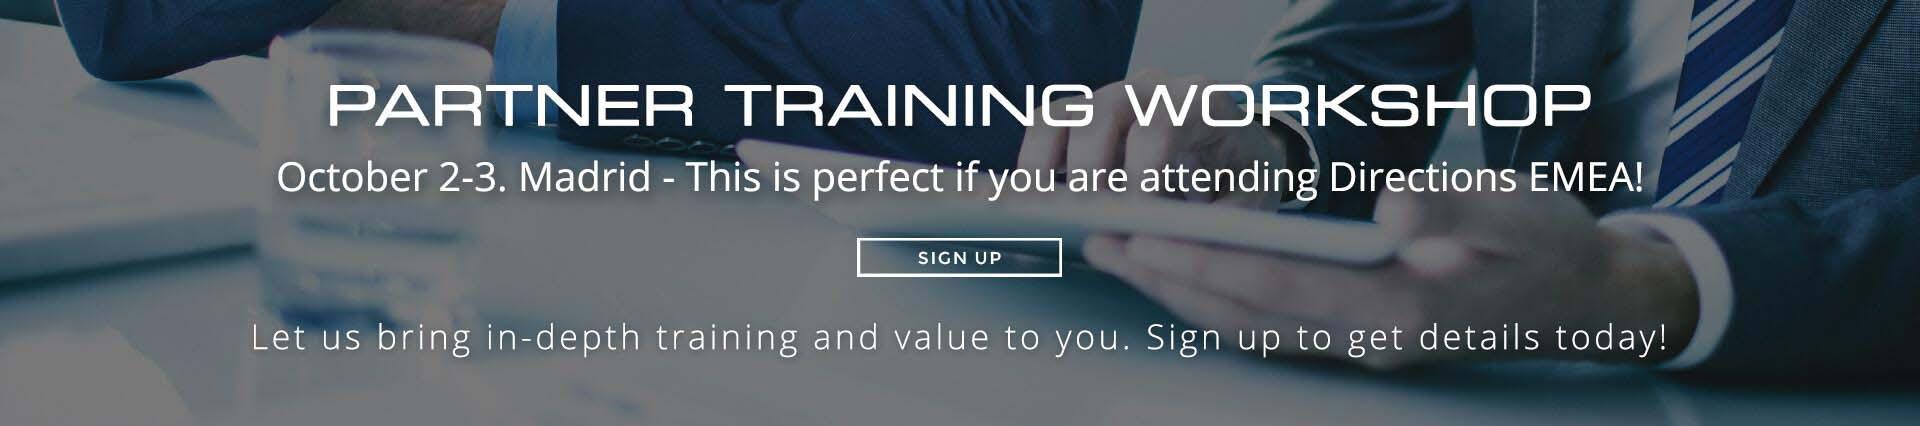 Partner Training 2017